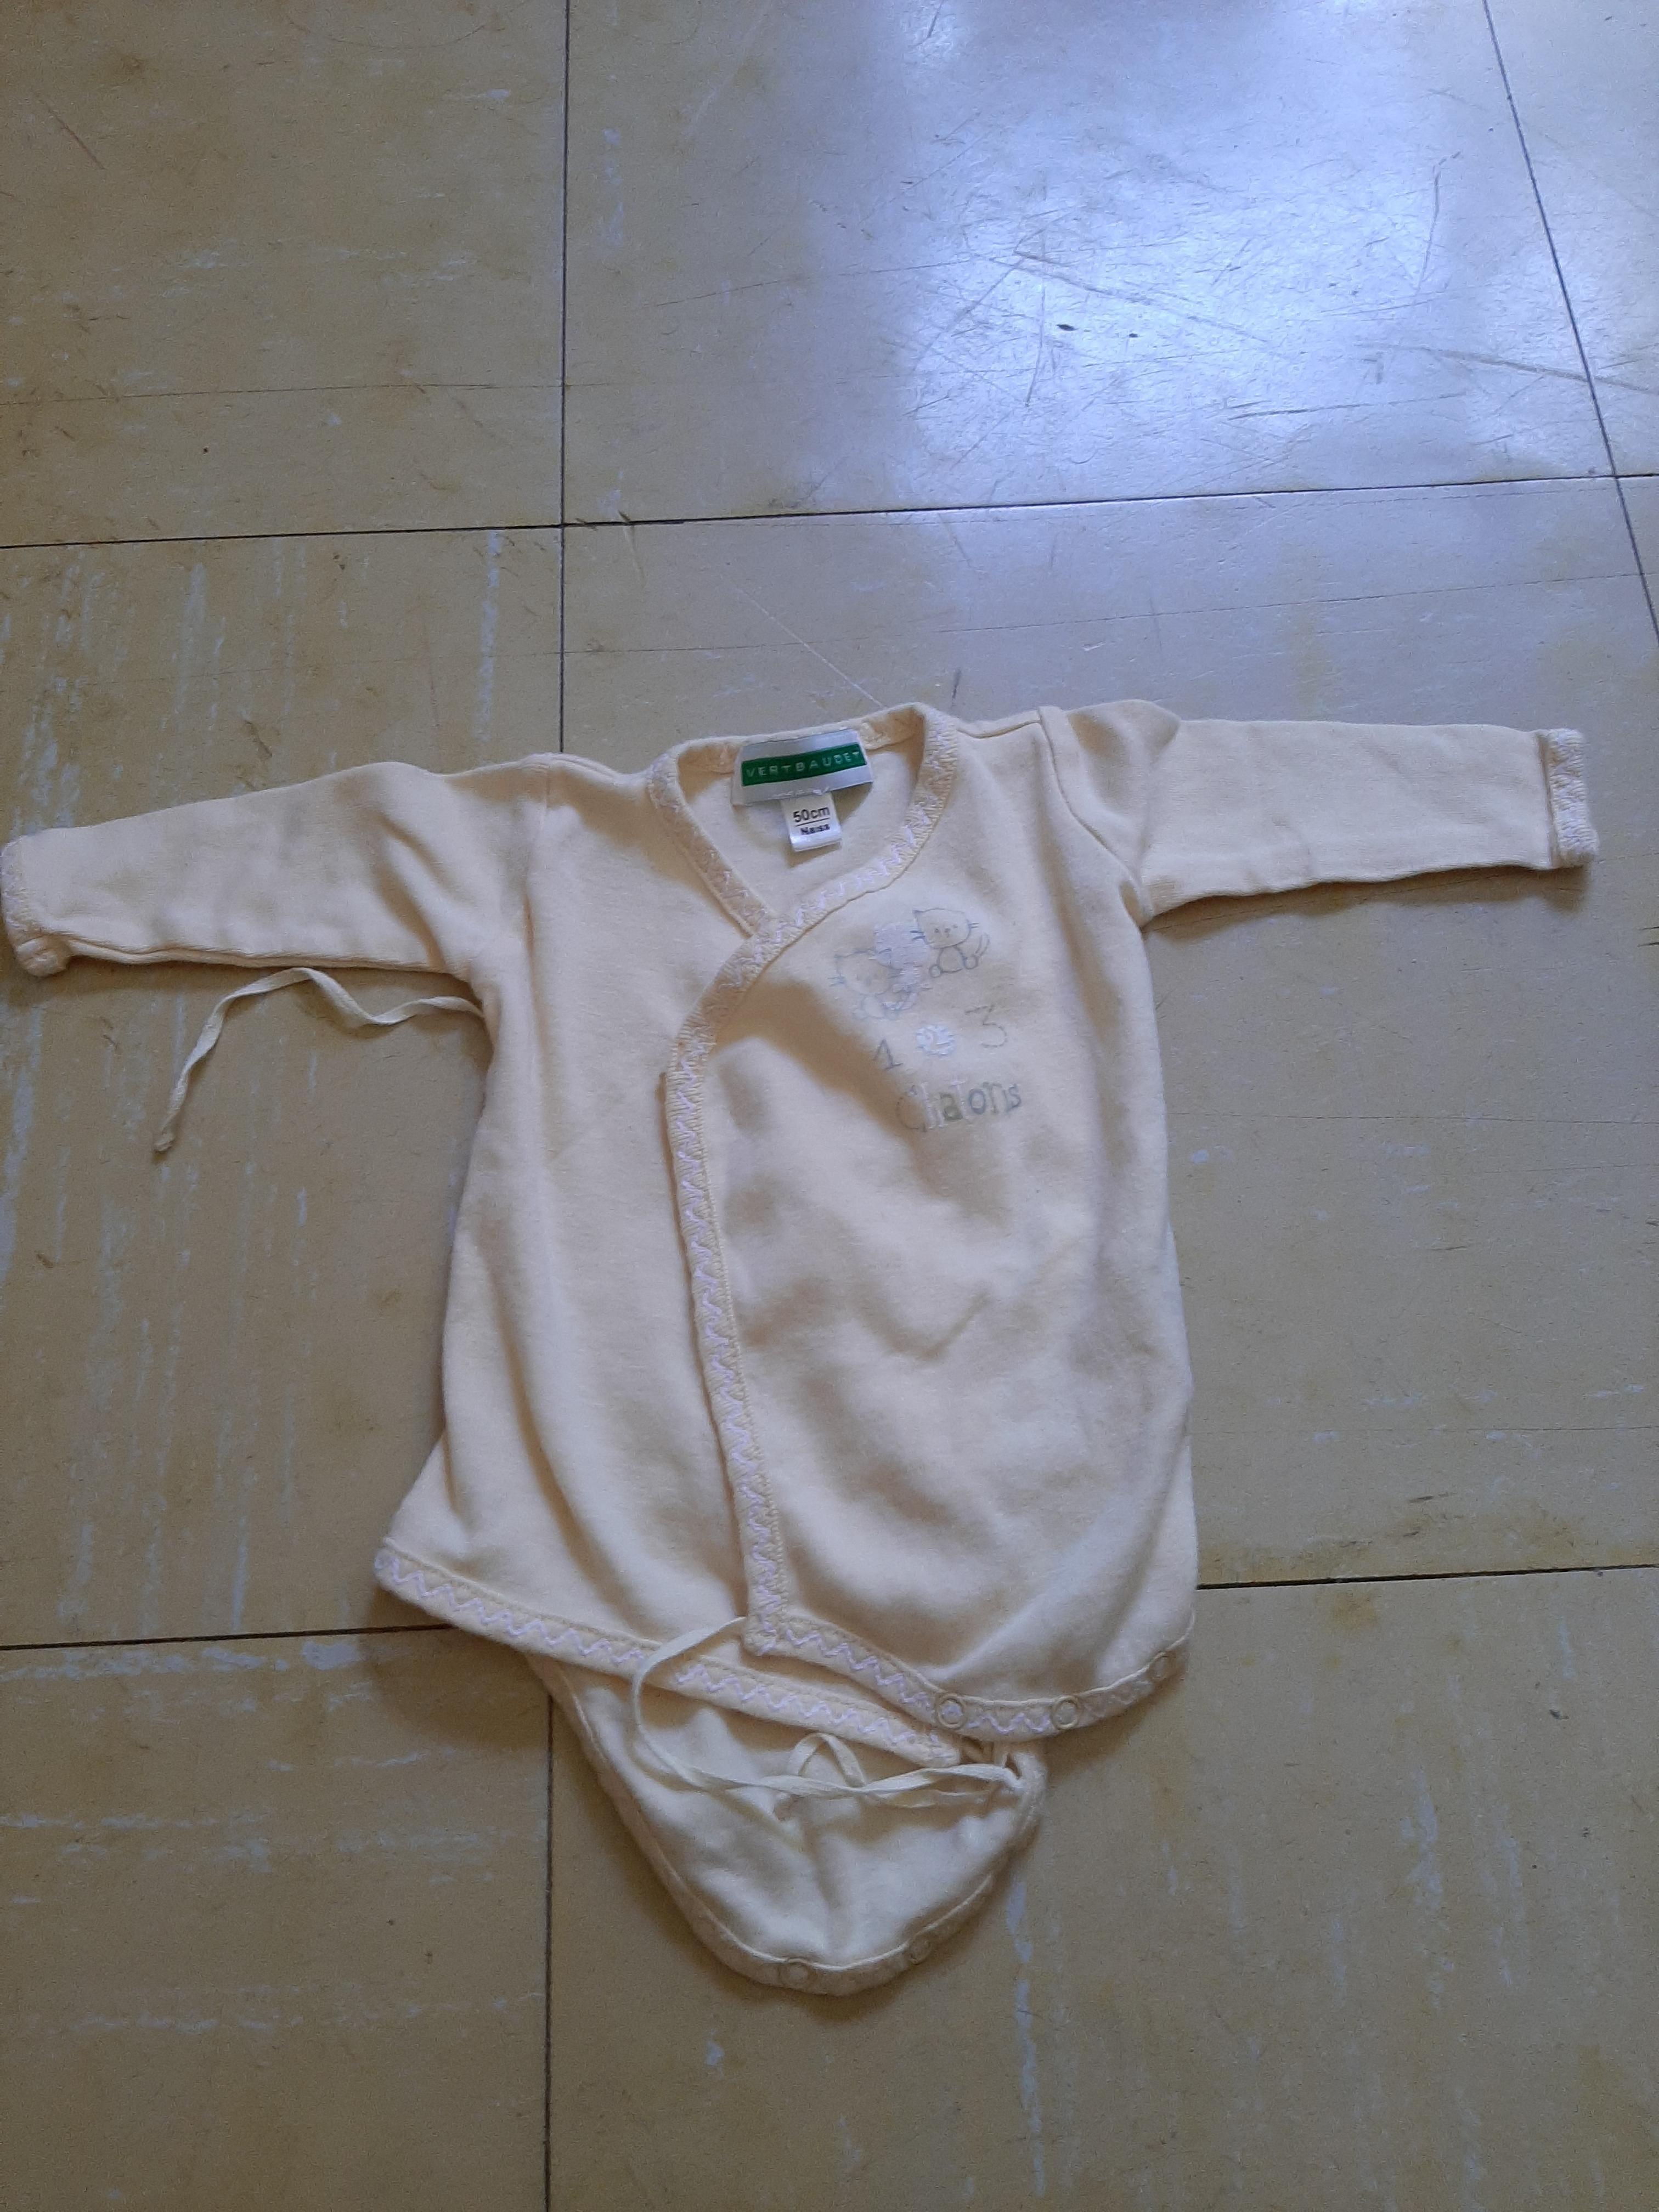 troc de troc bodies image 2